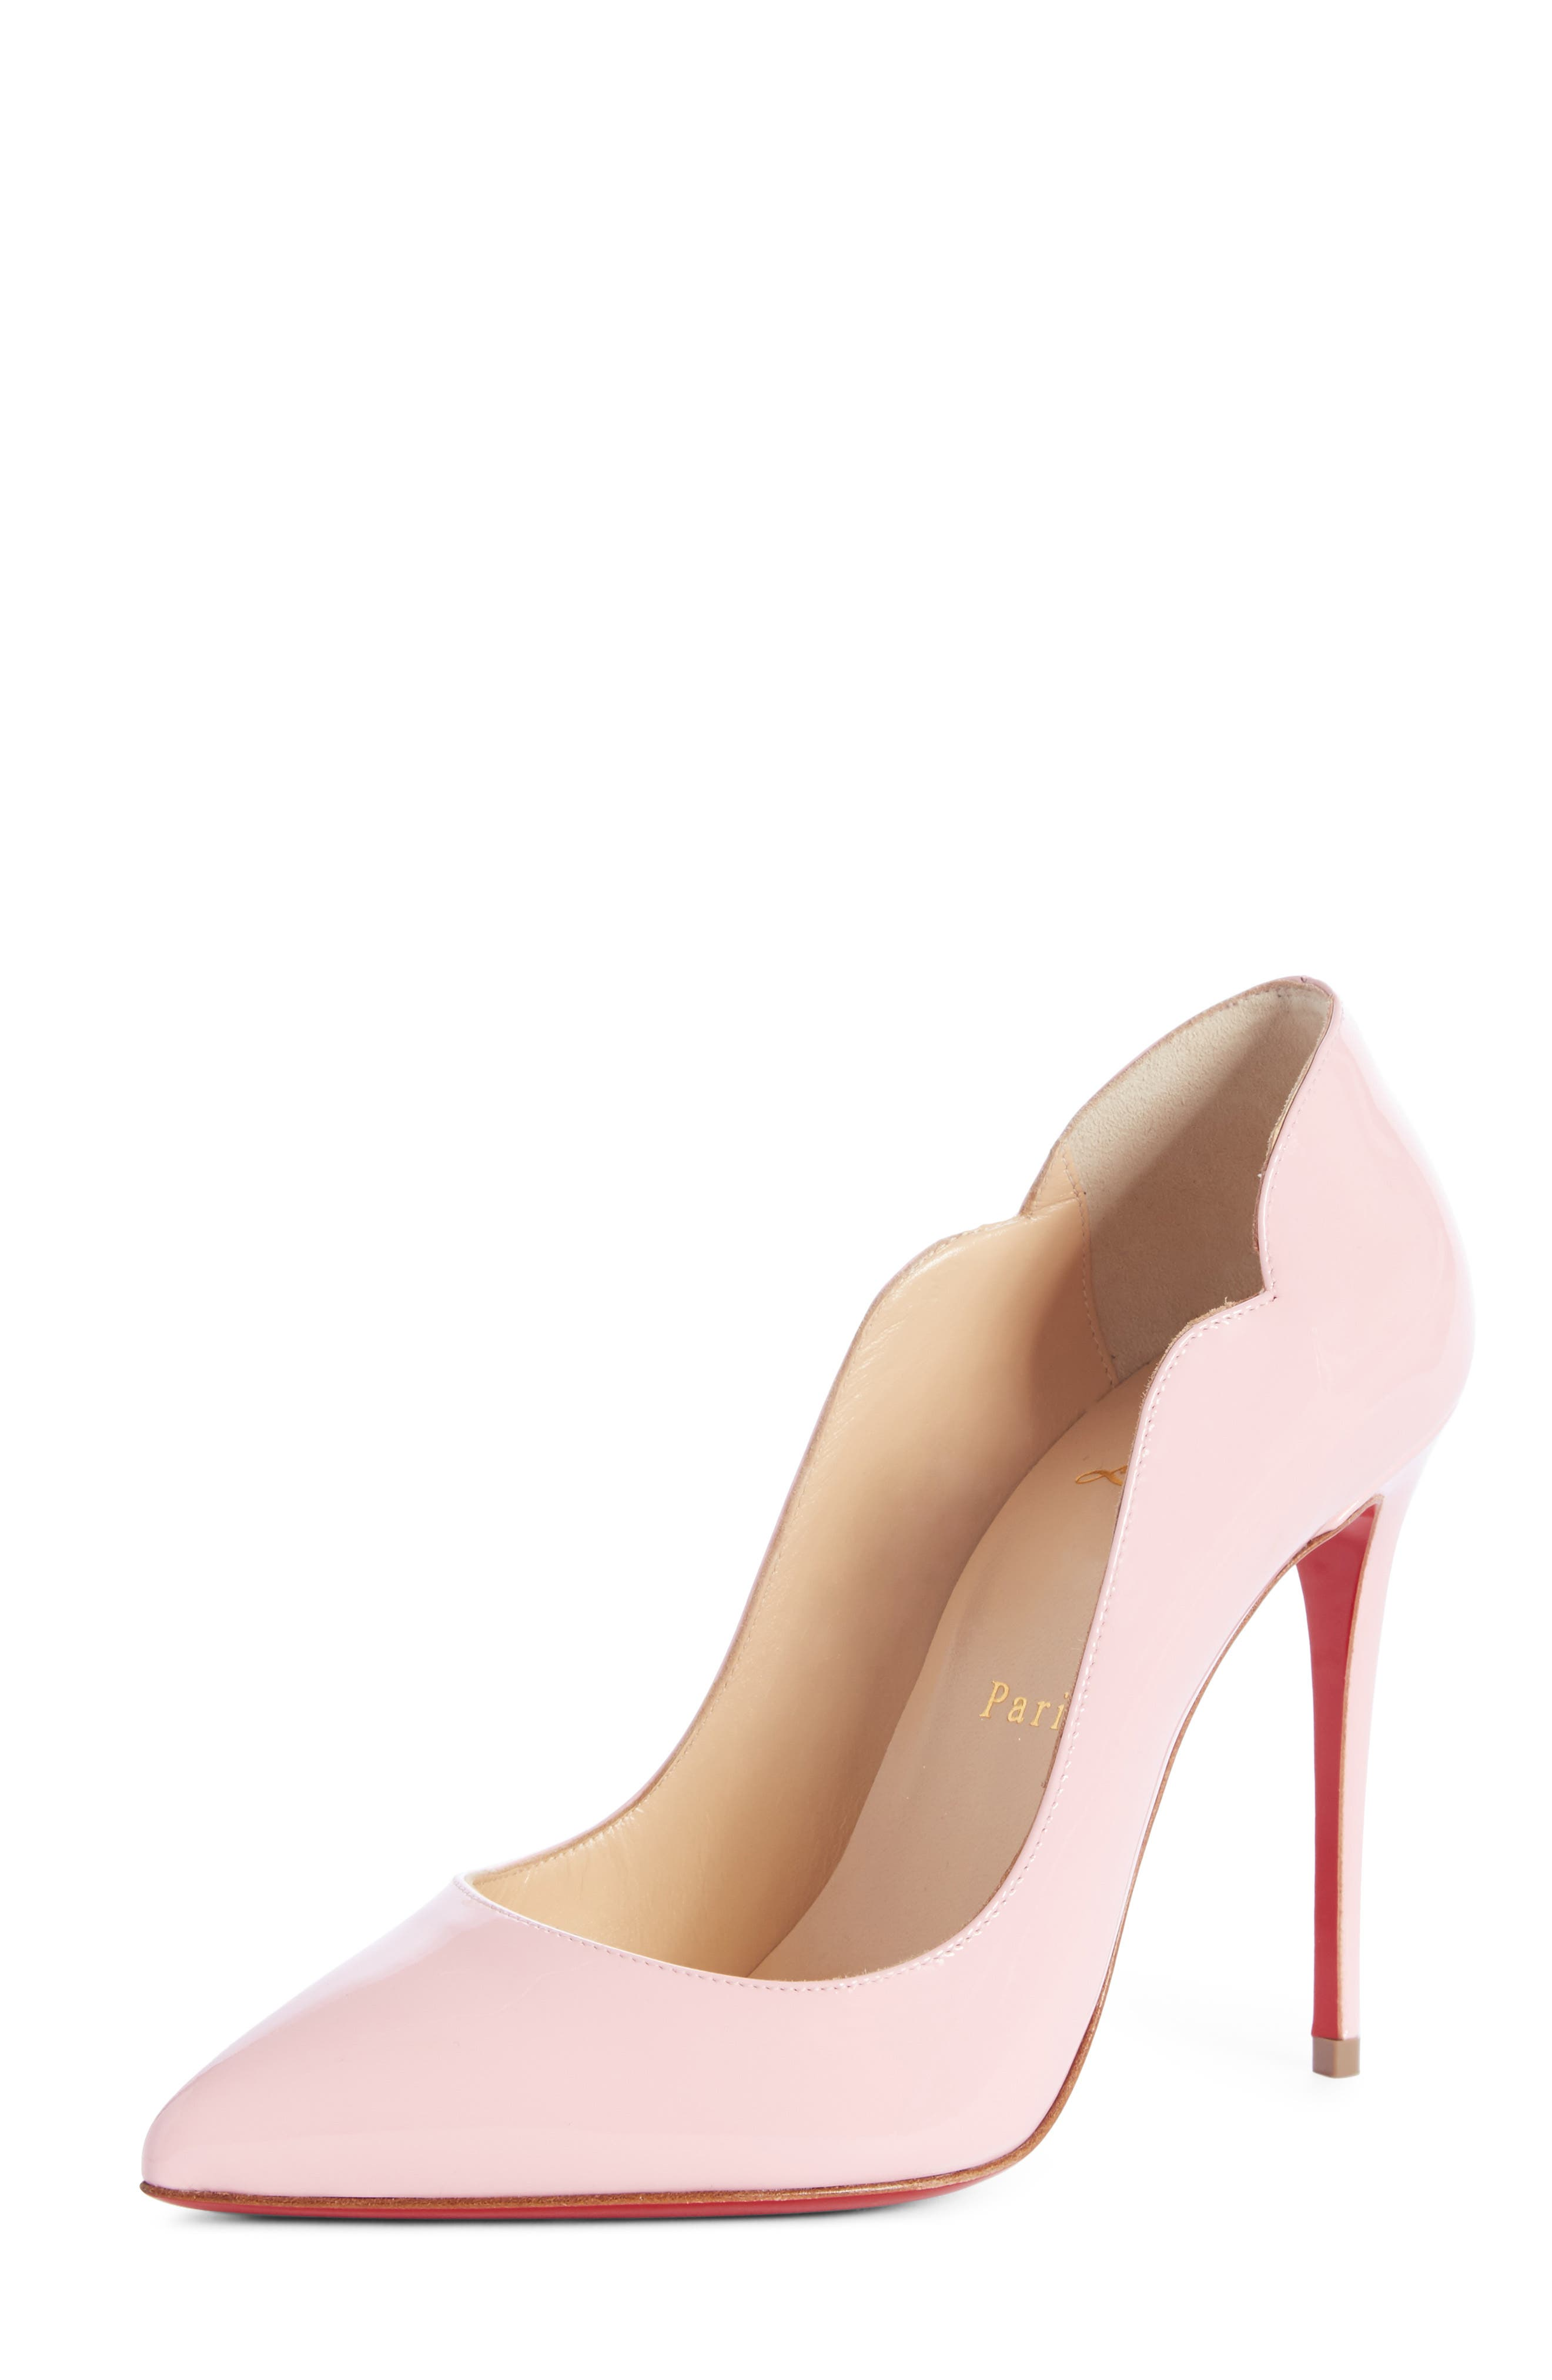 4960728fb807 Christian Louboutin Women s Pink Shoes